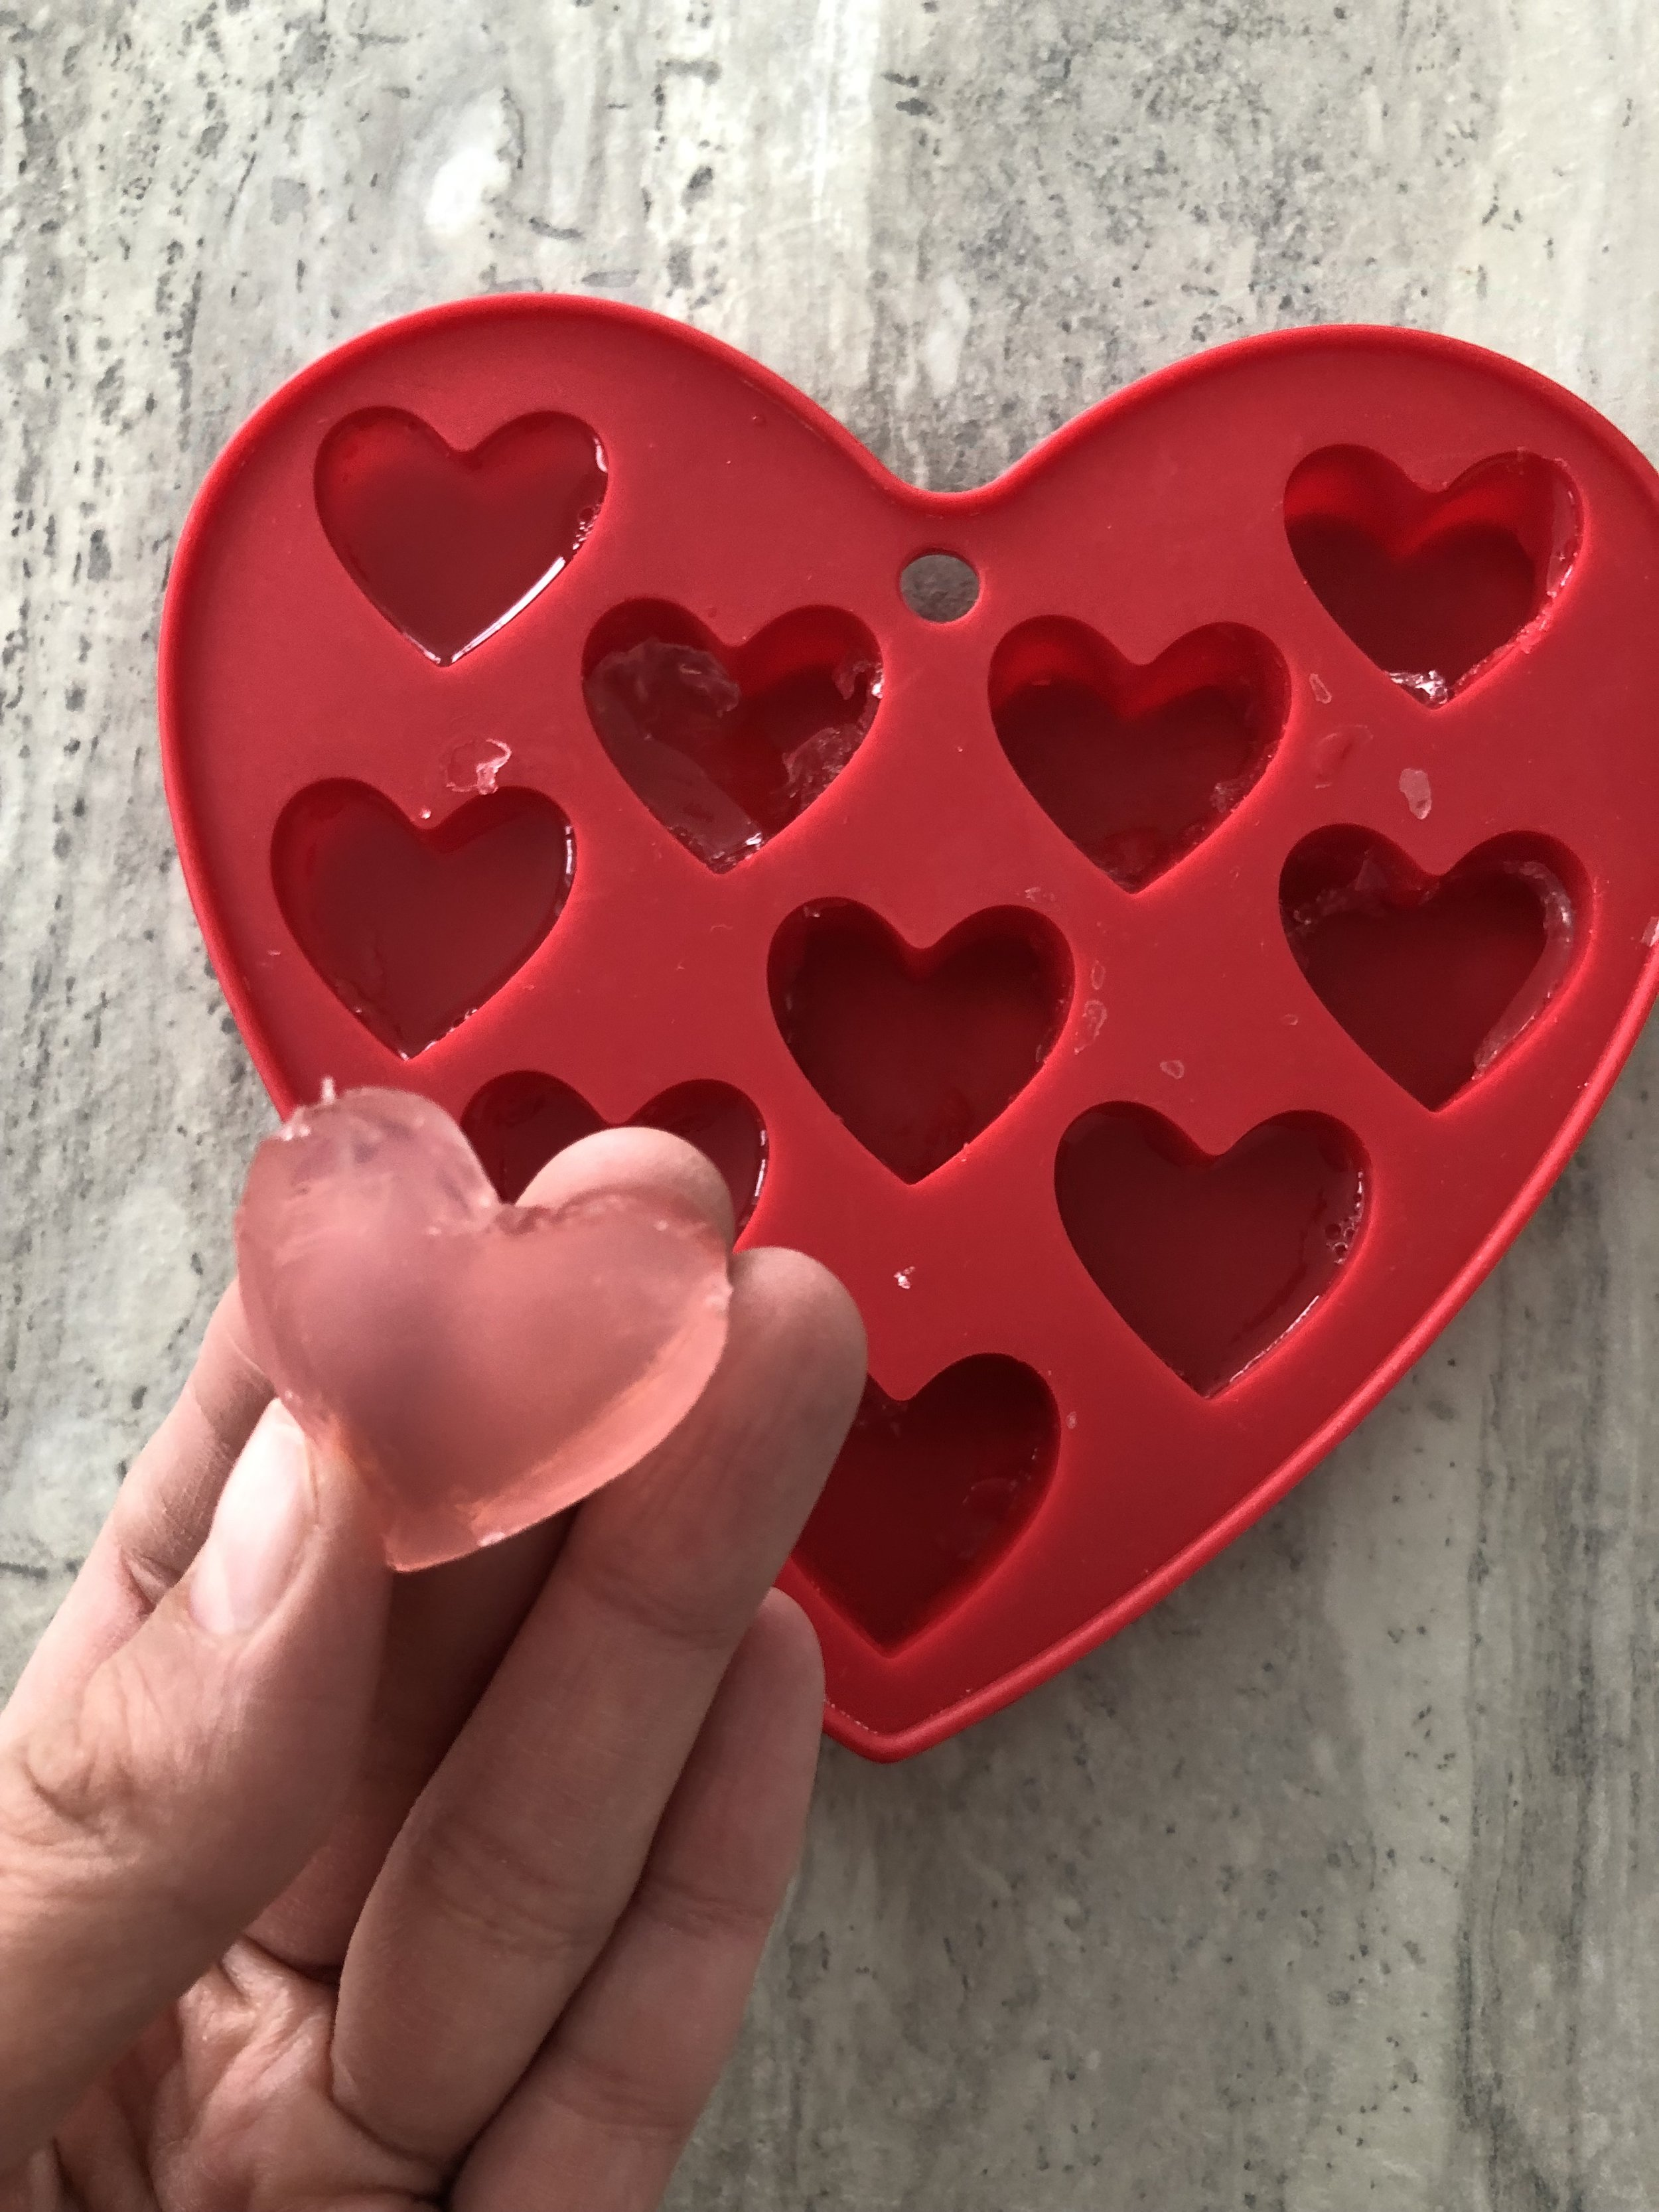 jujubes maison-cadeau Saint Valentin-cuisiner-recette-faire des jujubes en coeur pour la fête de l'amour-coeurs-enfants-Je suis une maman